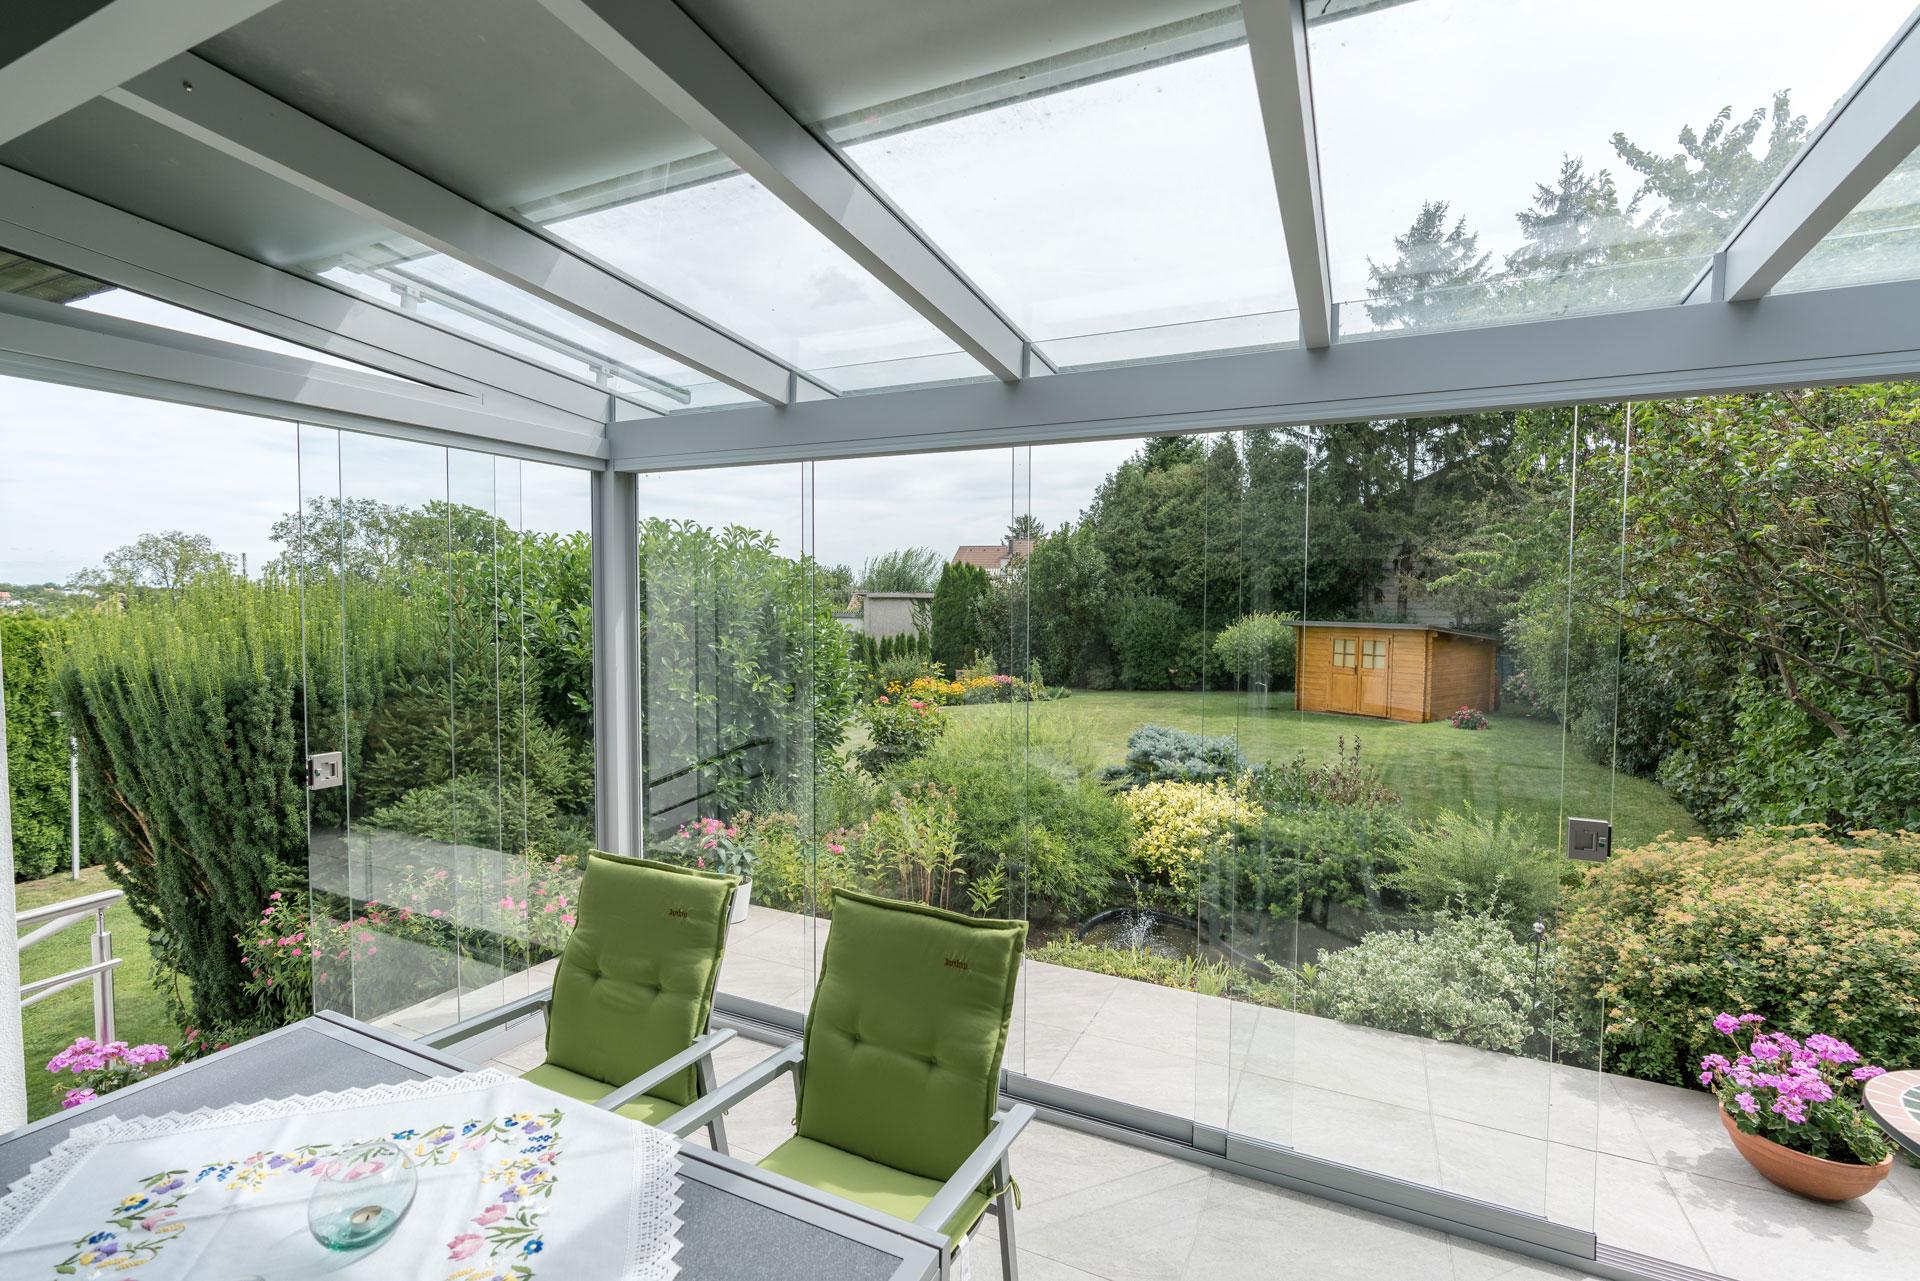 Schiebe 04 b   Ansicht von Innen nach Außen in Alu-Sommergarten mit Schiebe-Gläsern   Svoboda